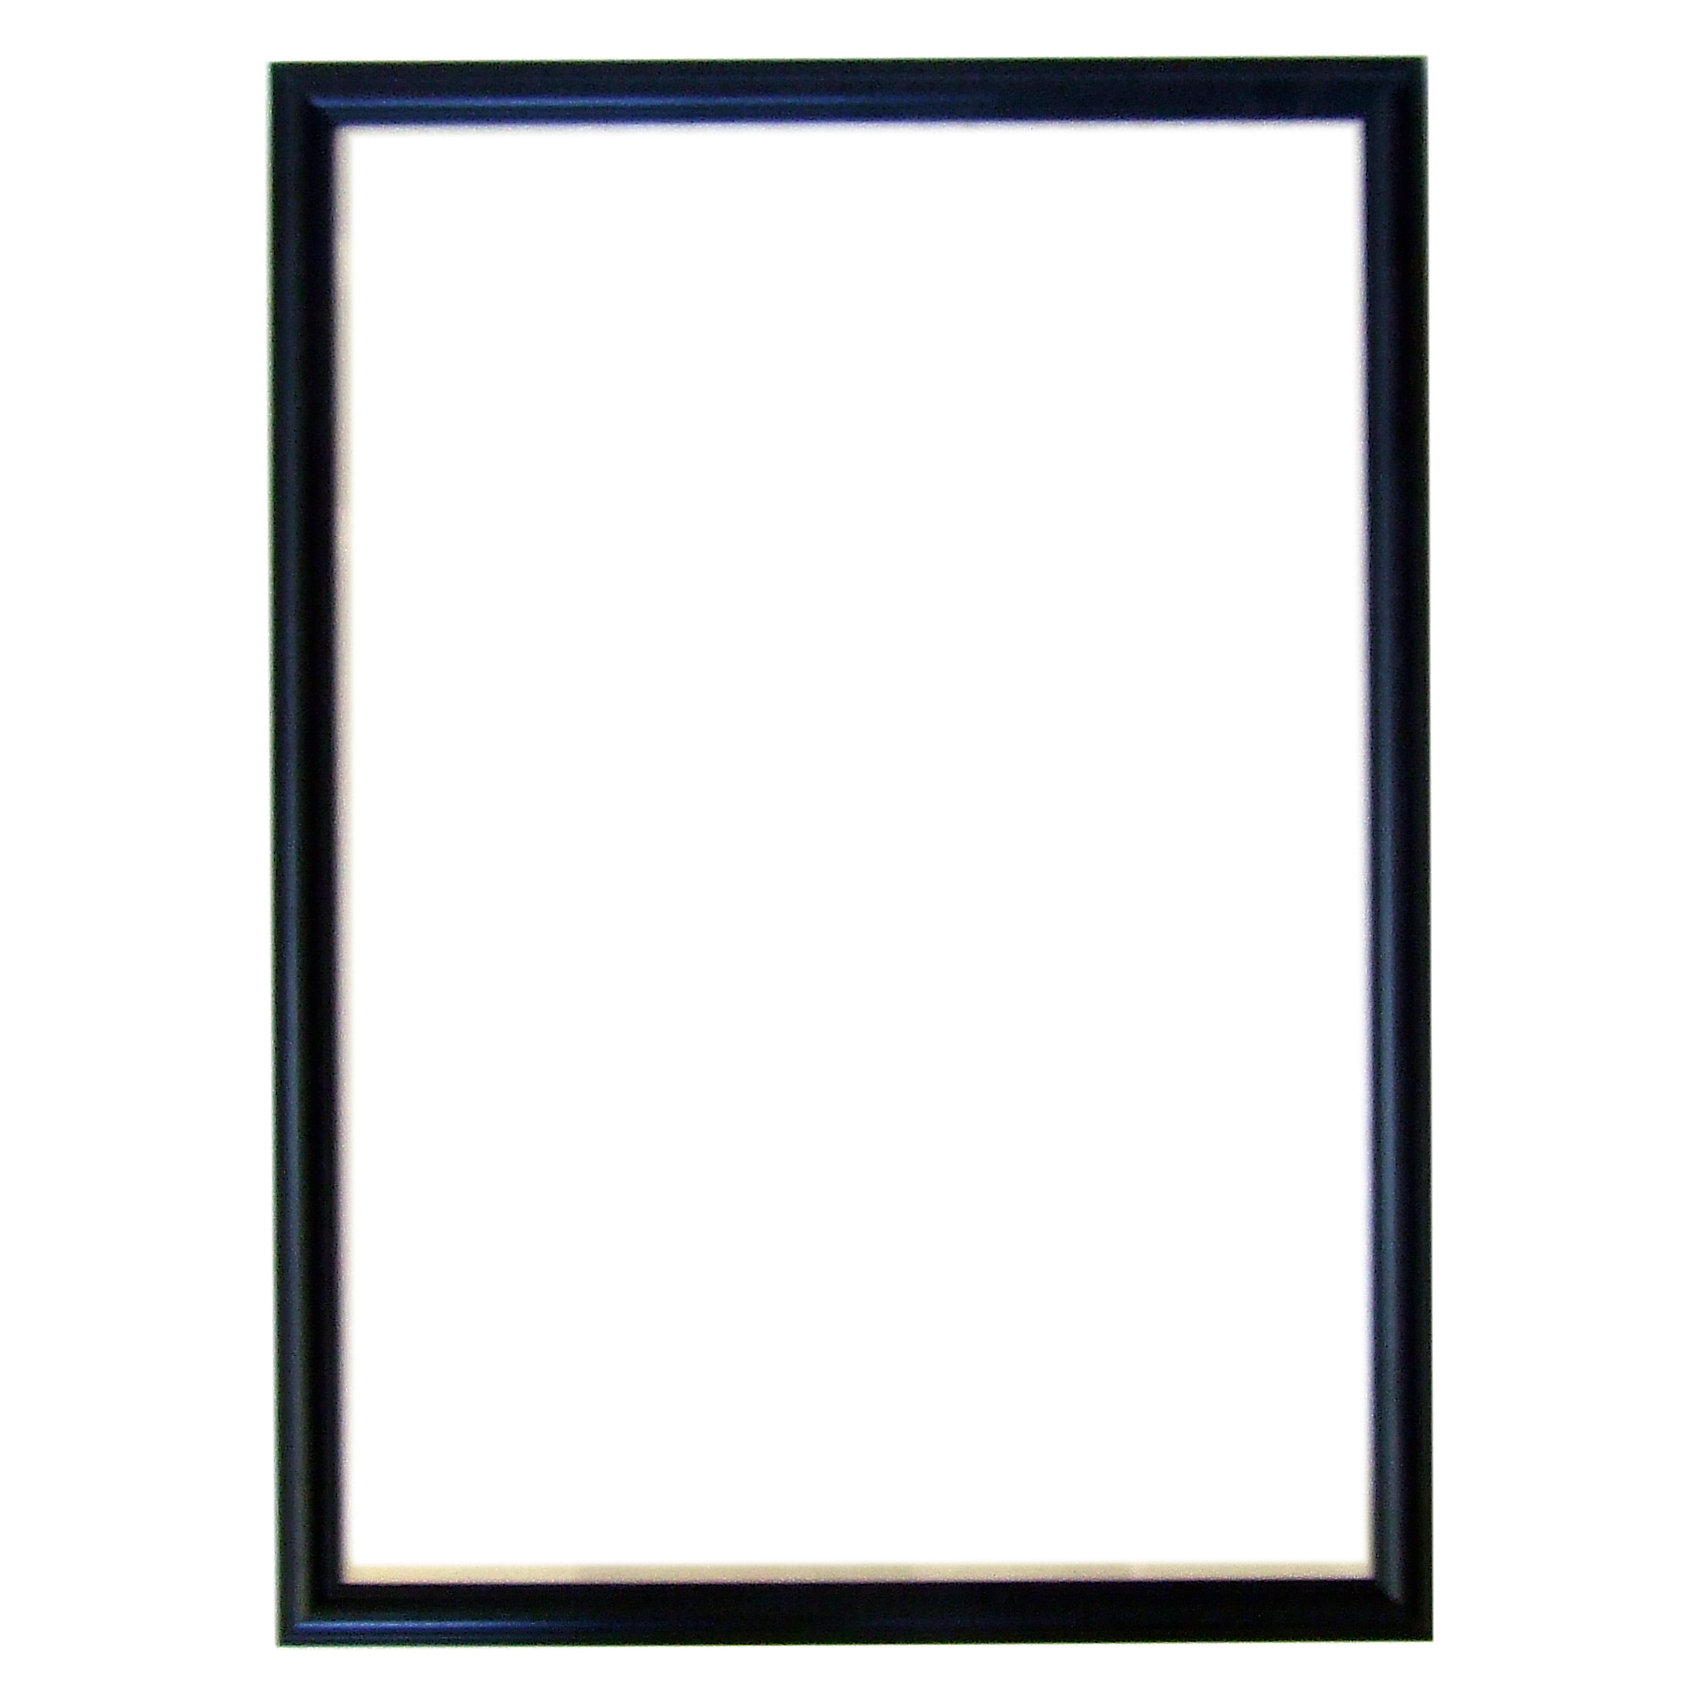 Рамка для пазла 1000/1500 деталей, 48х68 см, чернаяРамка для пазла 1000/1500 деталей, 48х68 см, черная позволяет закрепить собранную картину между подложкой и пластиком, т.е. пазлы не требуется предварительно склеивать. Такой подарок придется по вкусу каждому любителю пазлов!<br><br>Дополнительная информация:<br>-Размер пазла: 48х68 см (1000/1500 деталей)<br>-Цвет рамы: черный<br>-Материалы: пластик<br>-Ширина профиля: 2 см<br><br>Рамку для пазла 1000/1500 деталей, 48х68 см, черная можно купить в нашем магазине.<br><br>Ширина мм: 480<br>Глубина мм: 680<br>Высота мм: 20<br>Вес г: 500<br>Возраст от месяцев: 72<br>Возраст до месяцев: 192<br>Пол: Унисекс<br>Возраст: Детский<br>SKU: 4244038